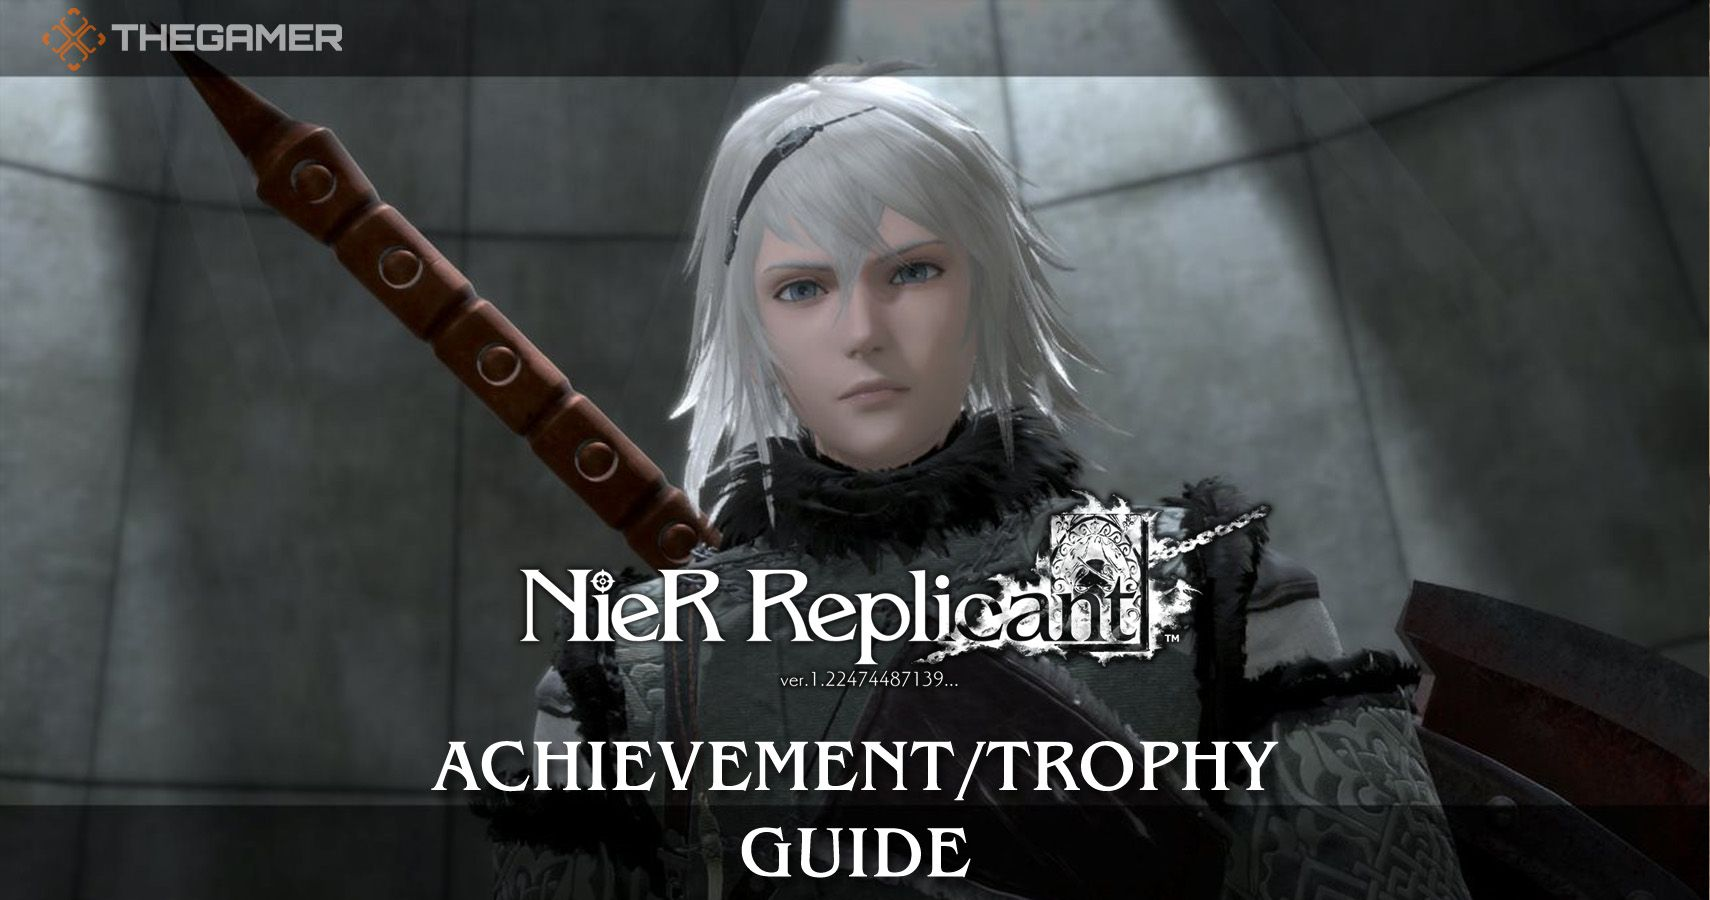 Nier Replicant: Achievement/Trophy Guide